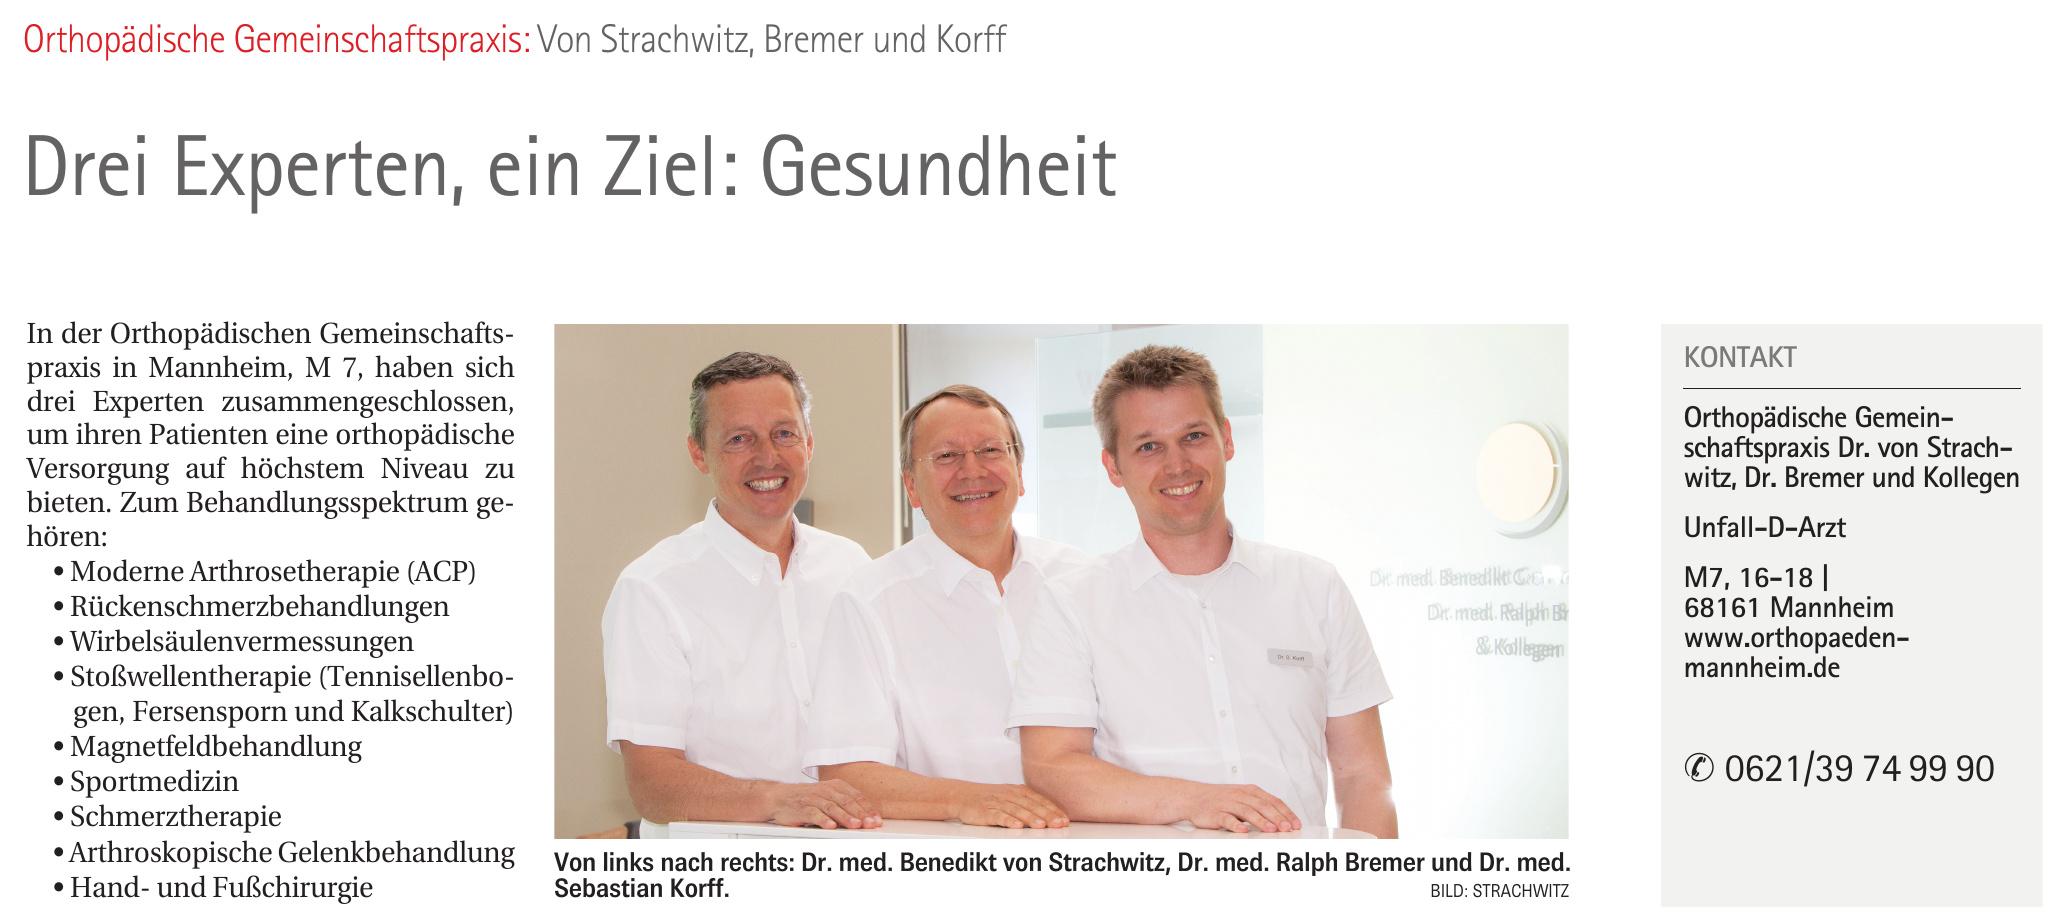 Orthopädische Gemeinschaftspraxis Dr. von Strachwitz, Dr. Bremer und Kollegen